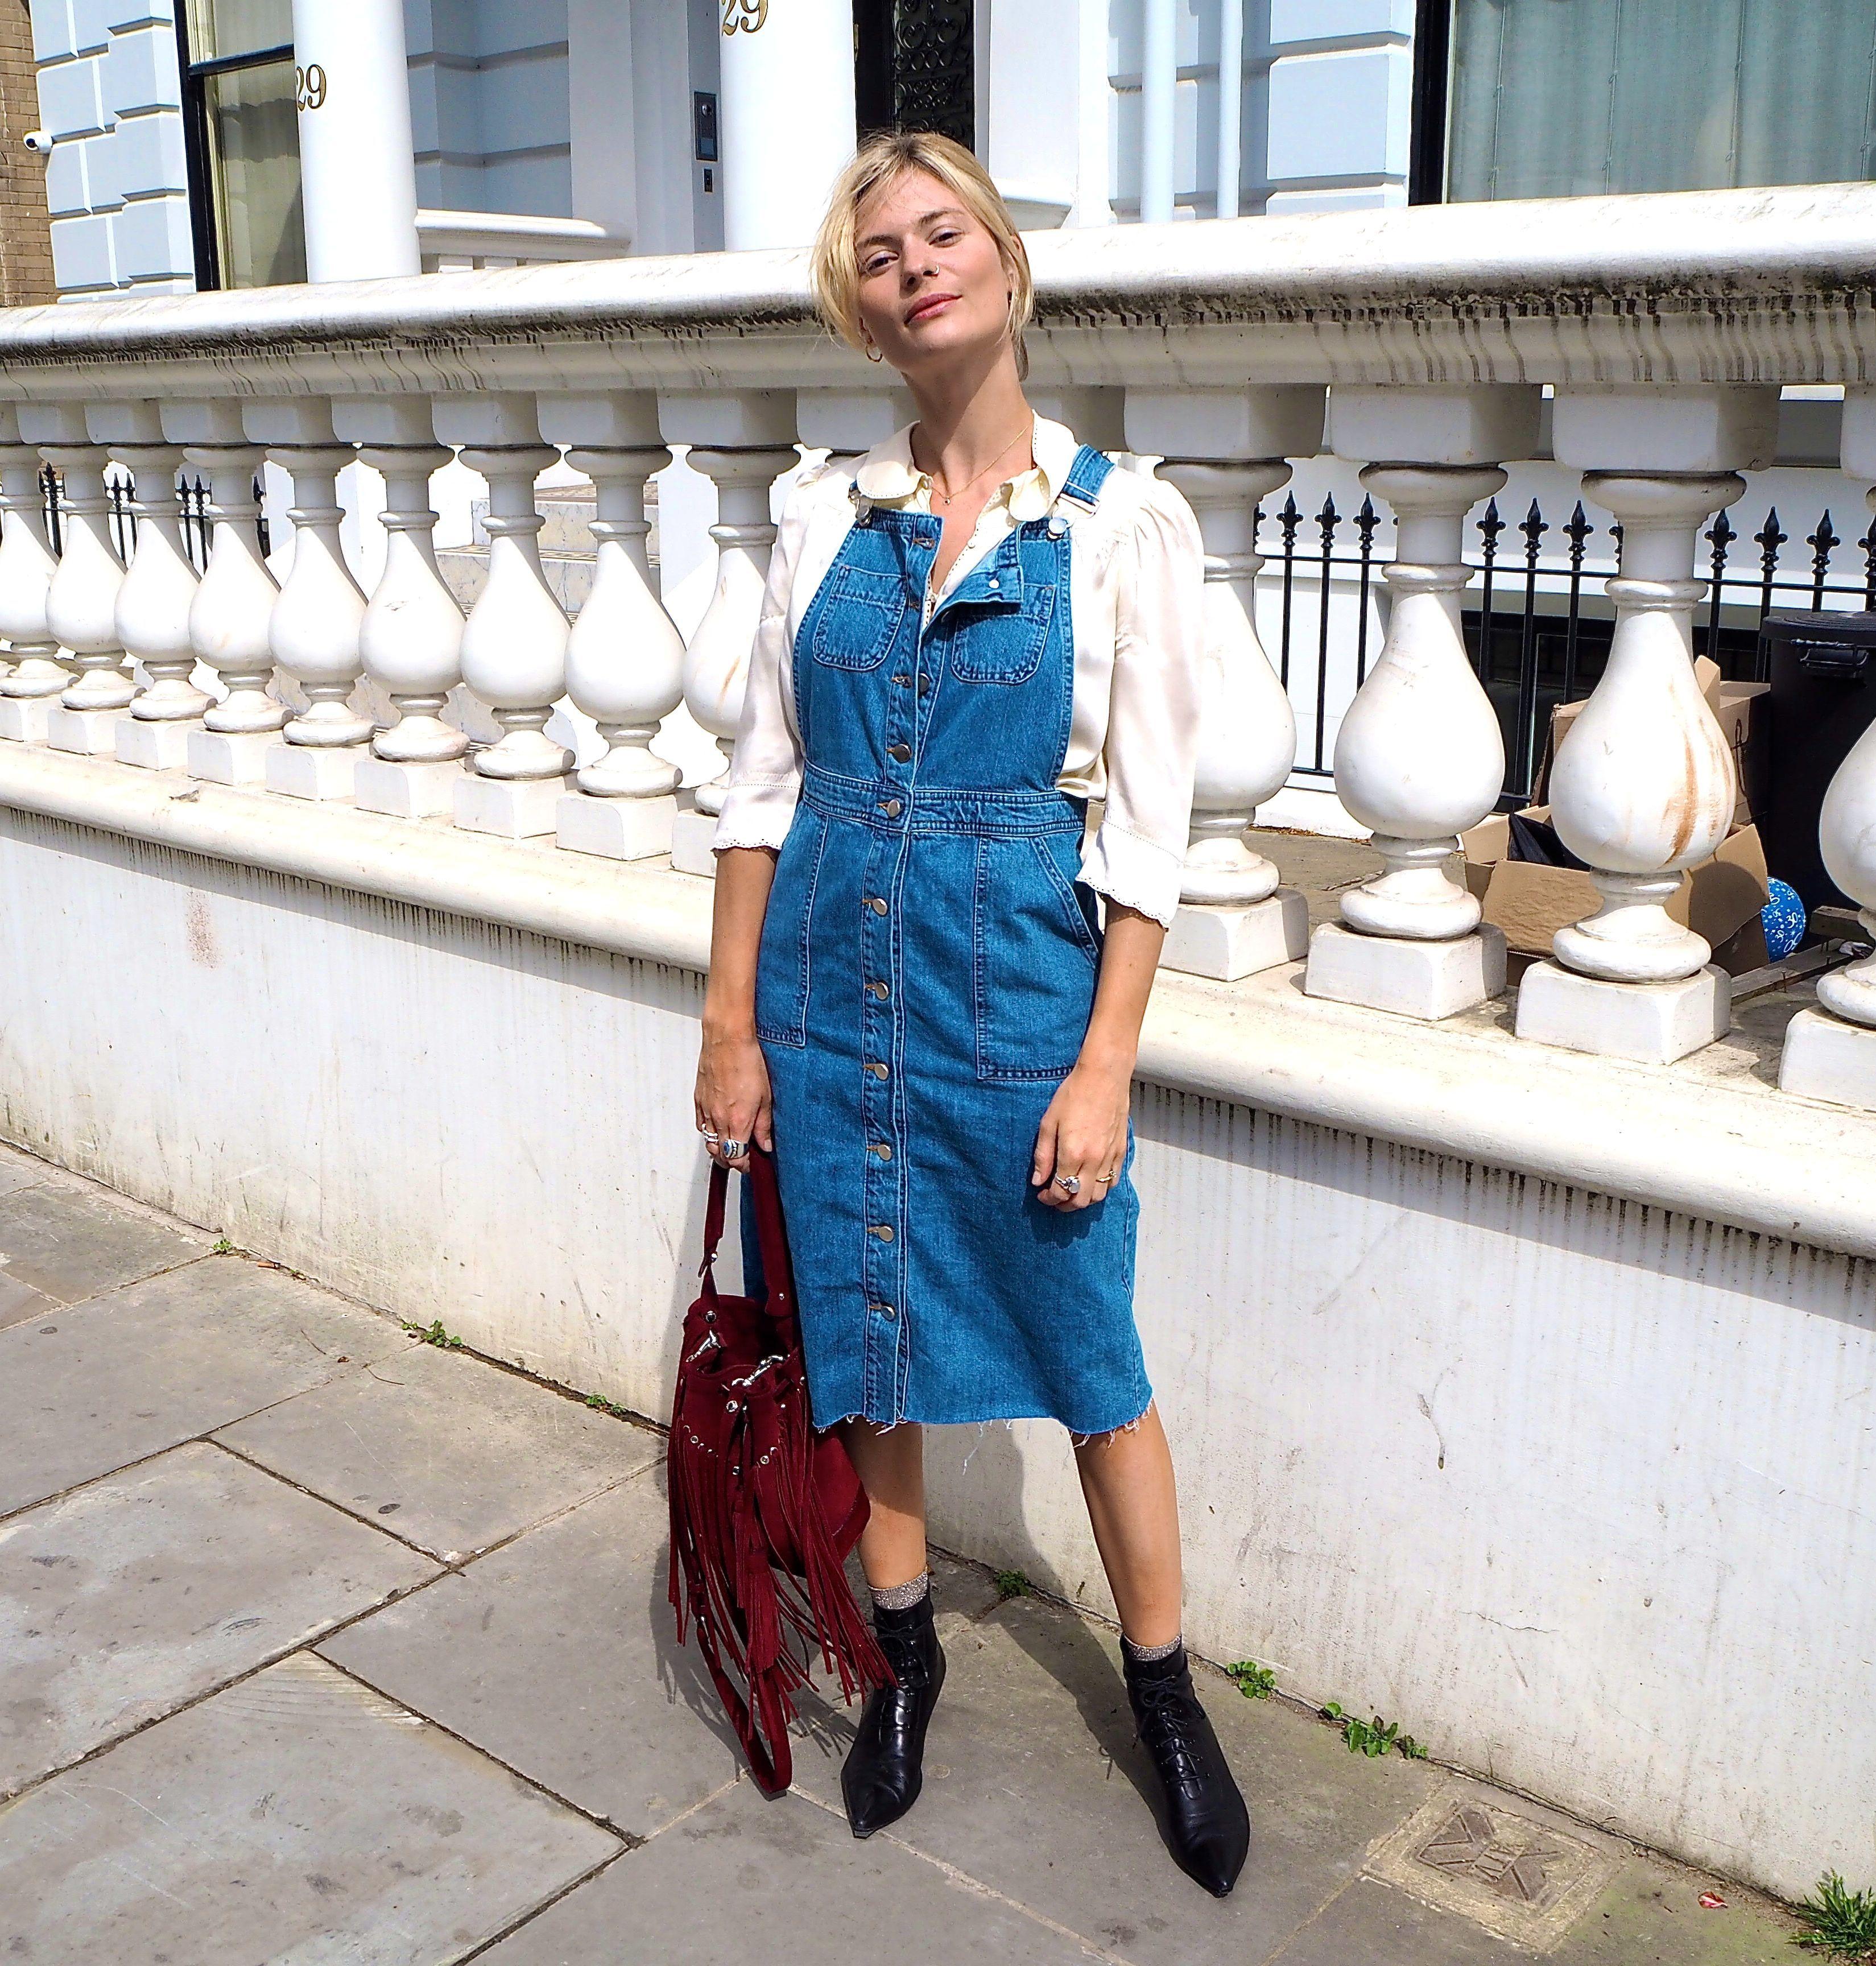 cô gái mặc trang phục denim gồm váy yếm và áo tay bồng